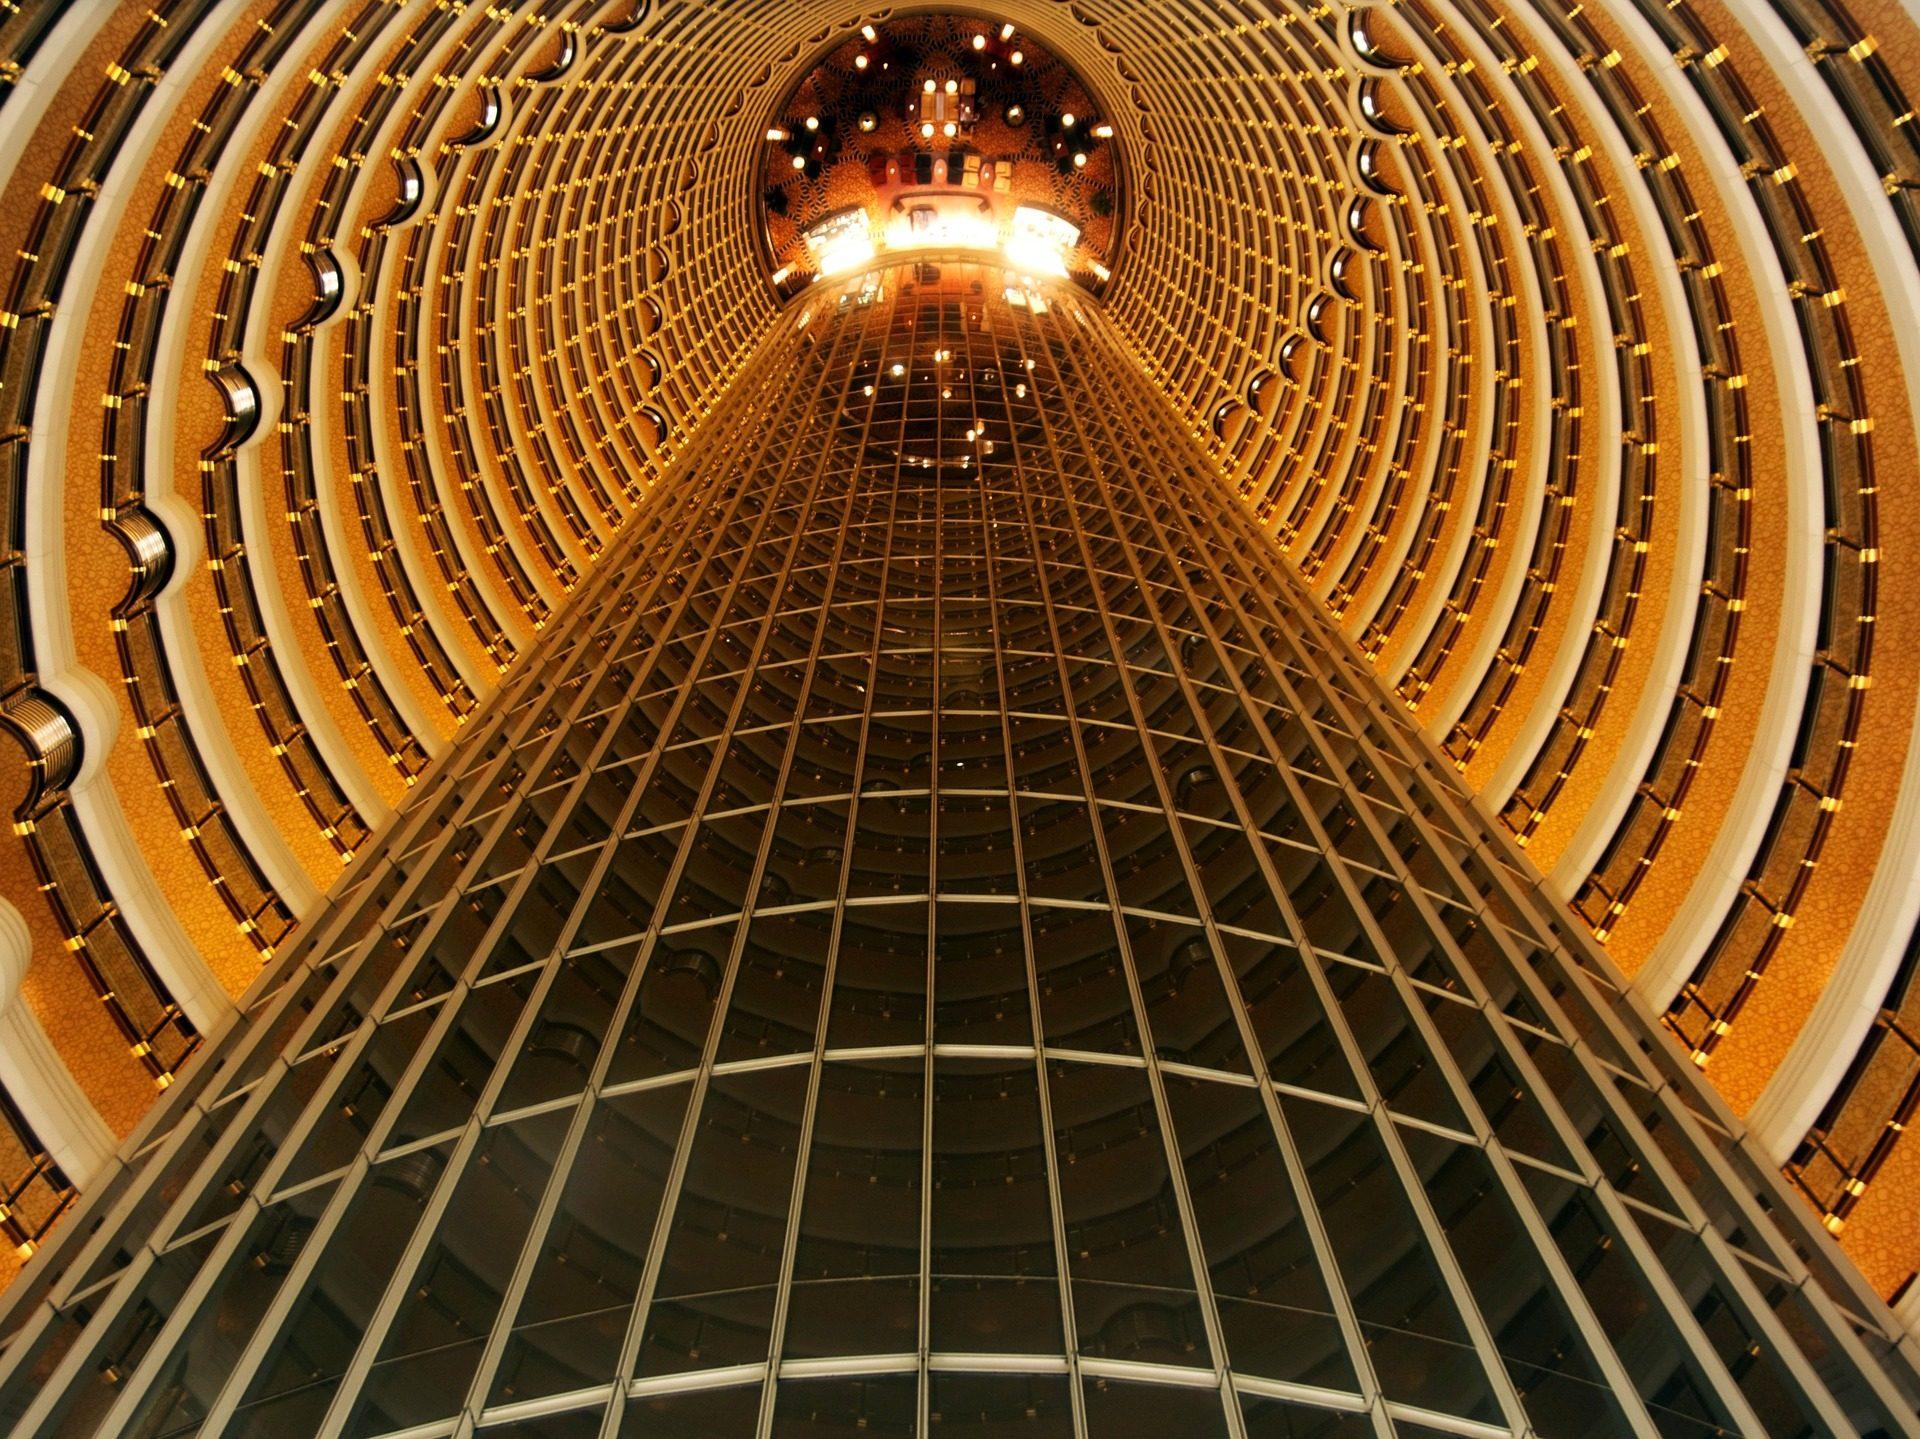 κτίριο, κρύσταλλα, ύψος, αρχιτεκτονική, Πύργος, jin mao - Wallpapers HD - Professor-falken.com